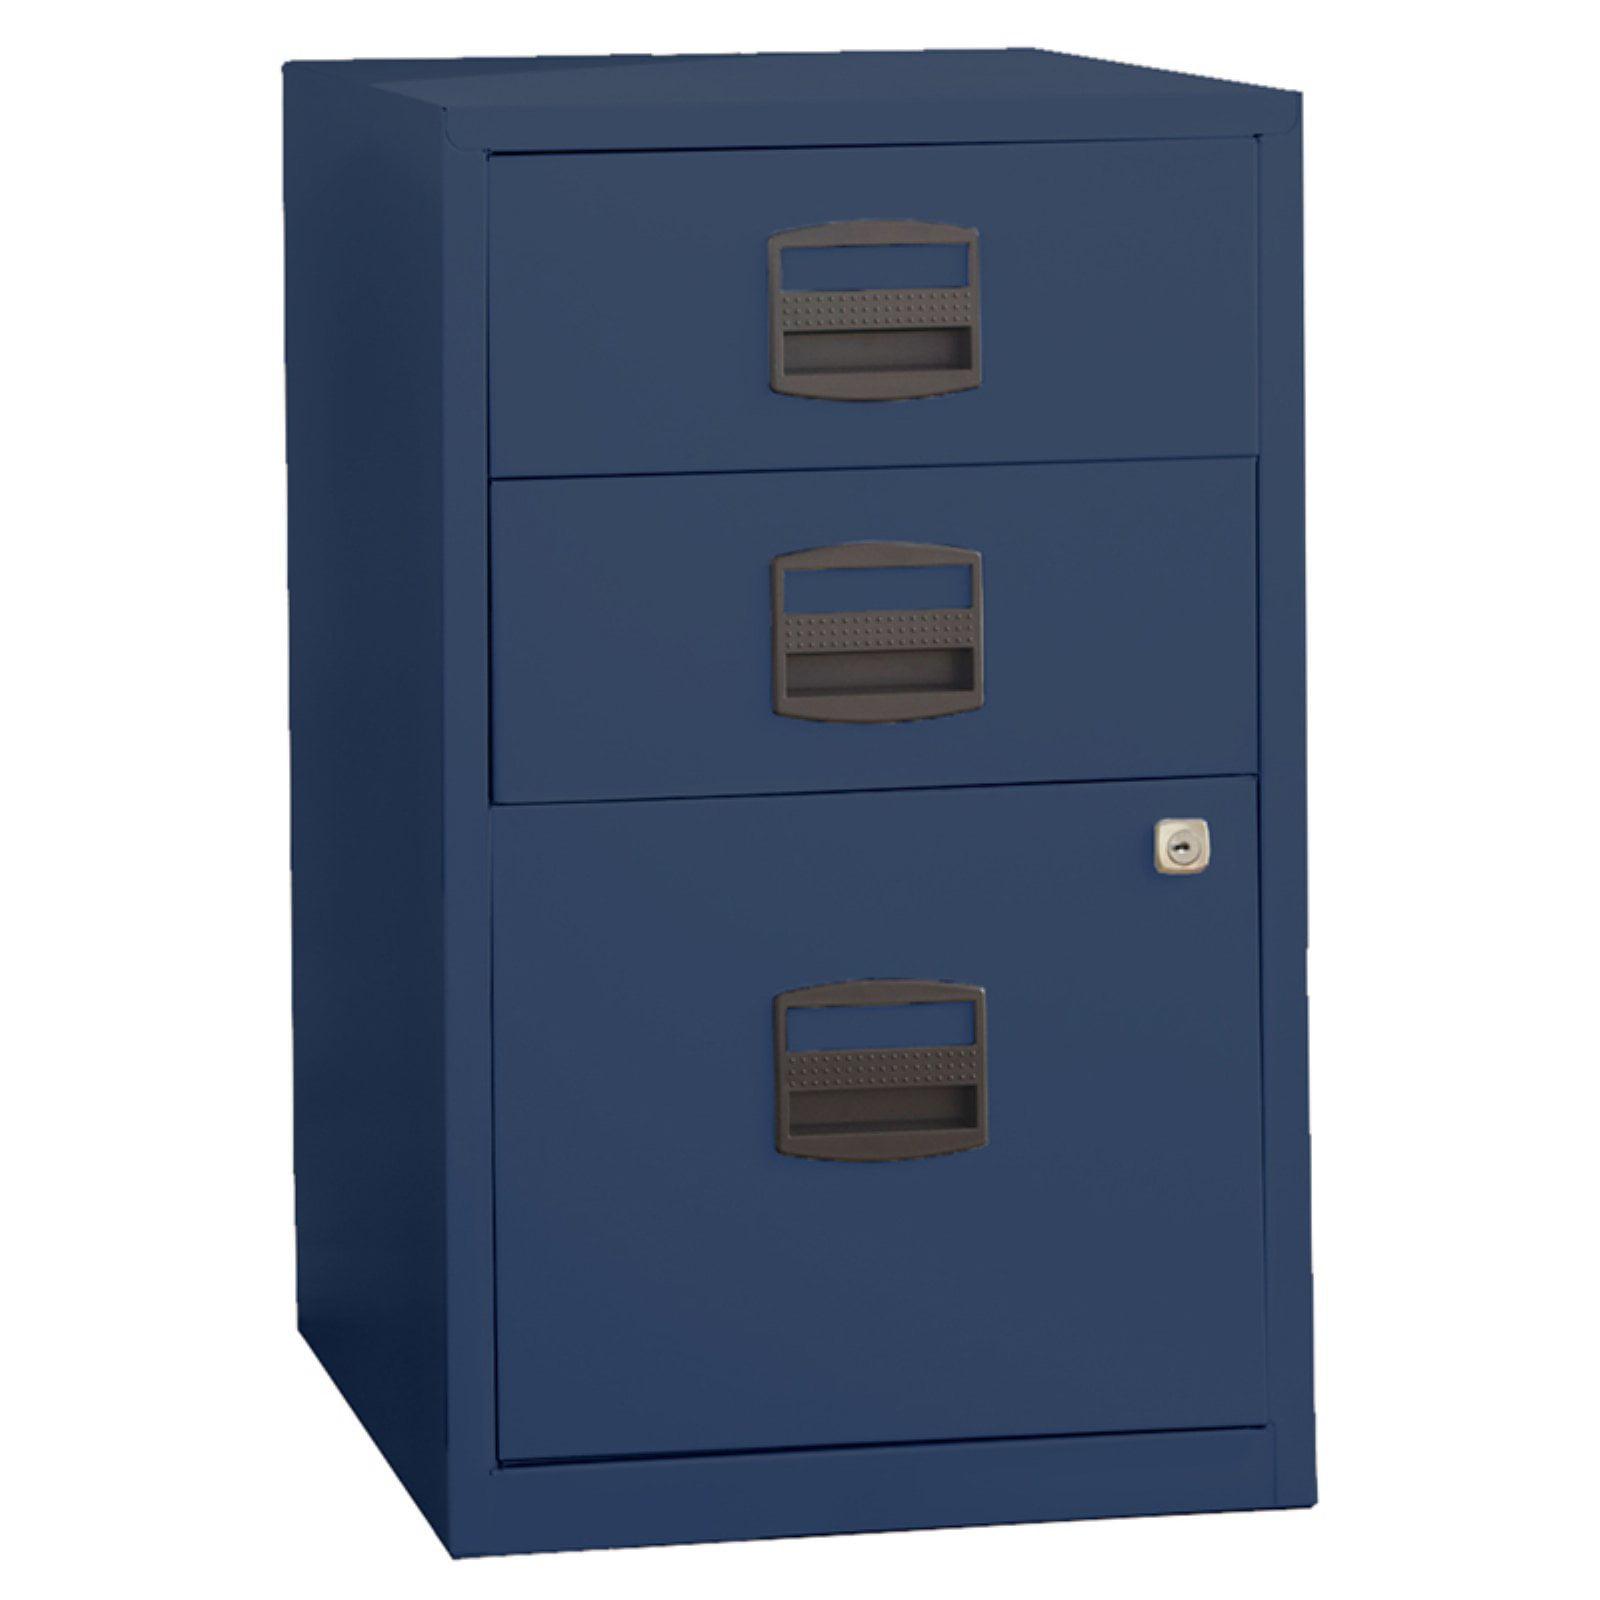 Bisley Three Drawer Steel Home or Office Filing Cabinet by Bindertek